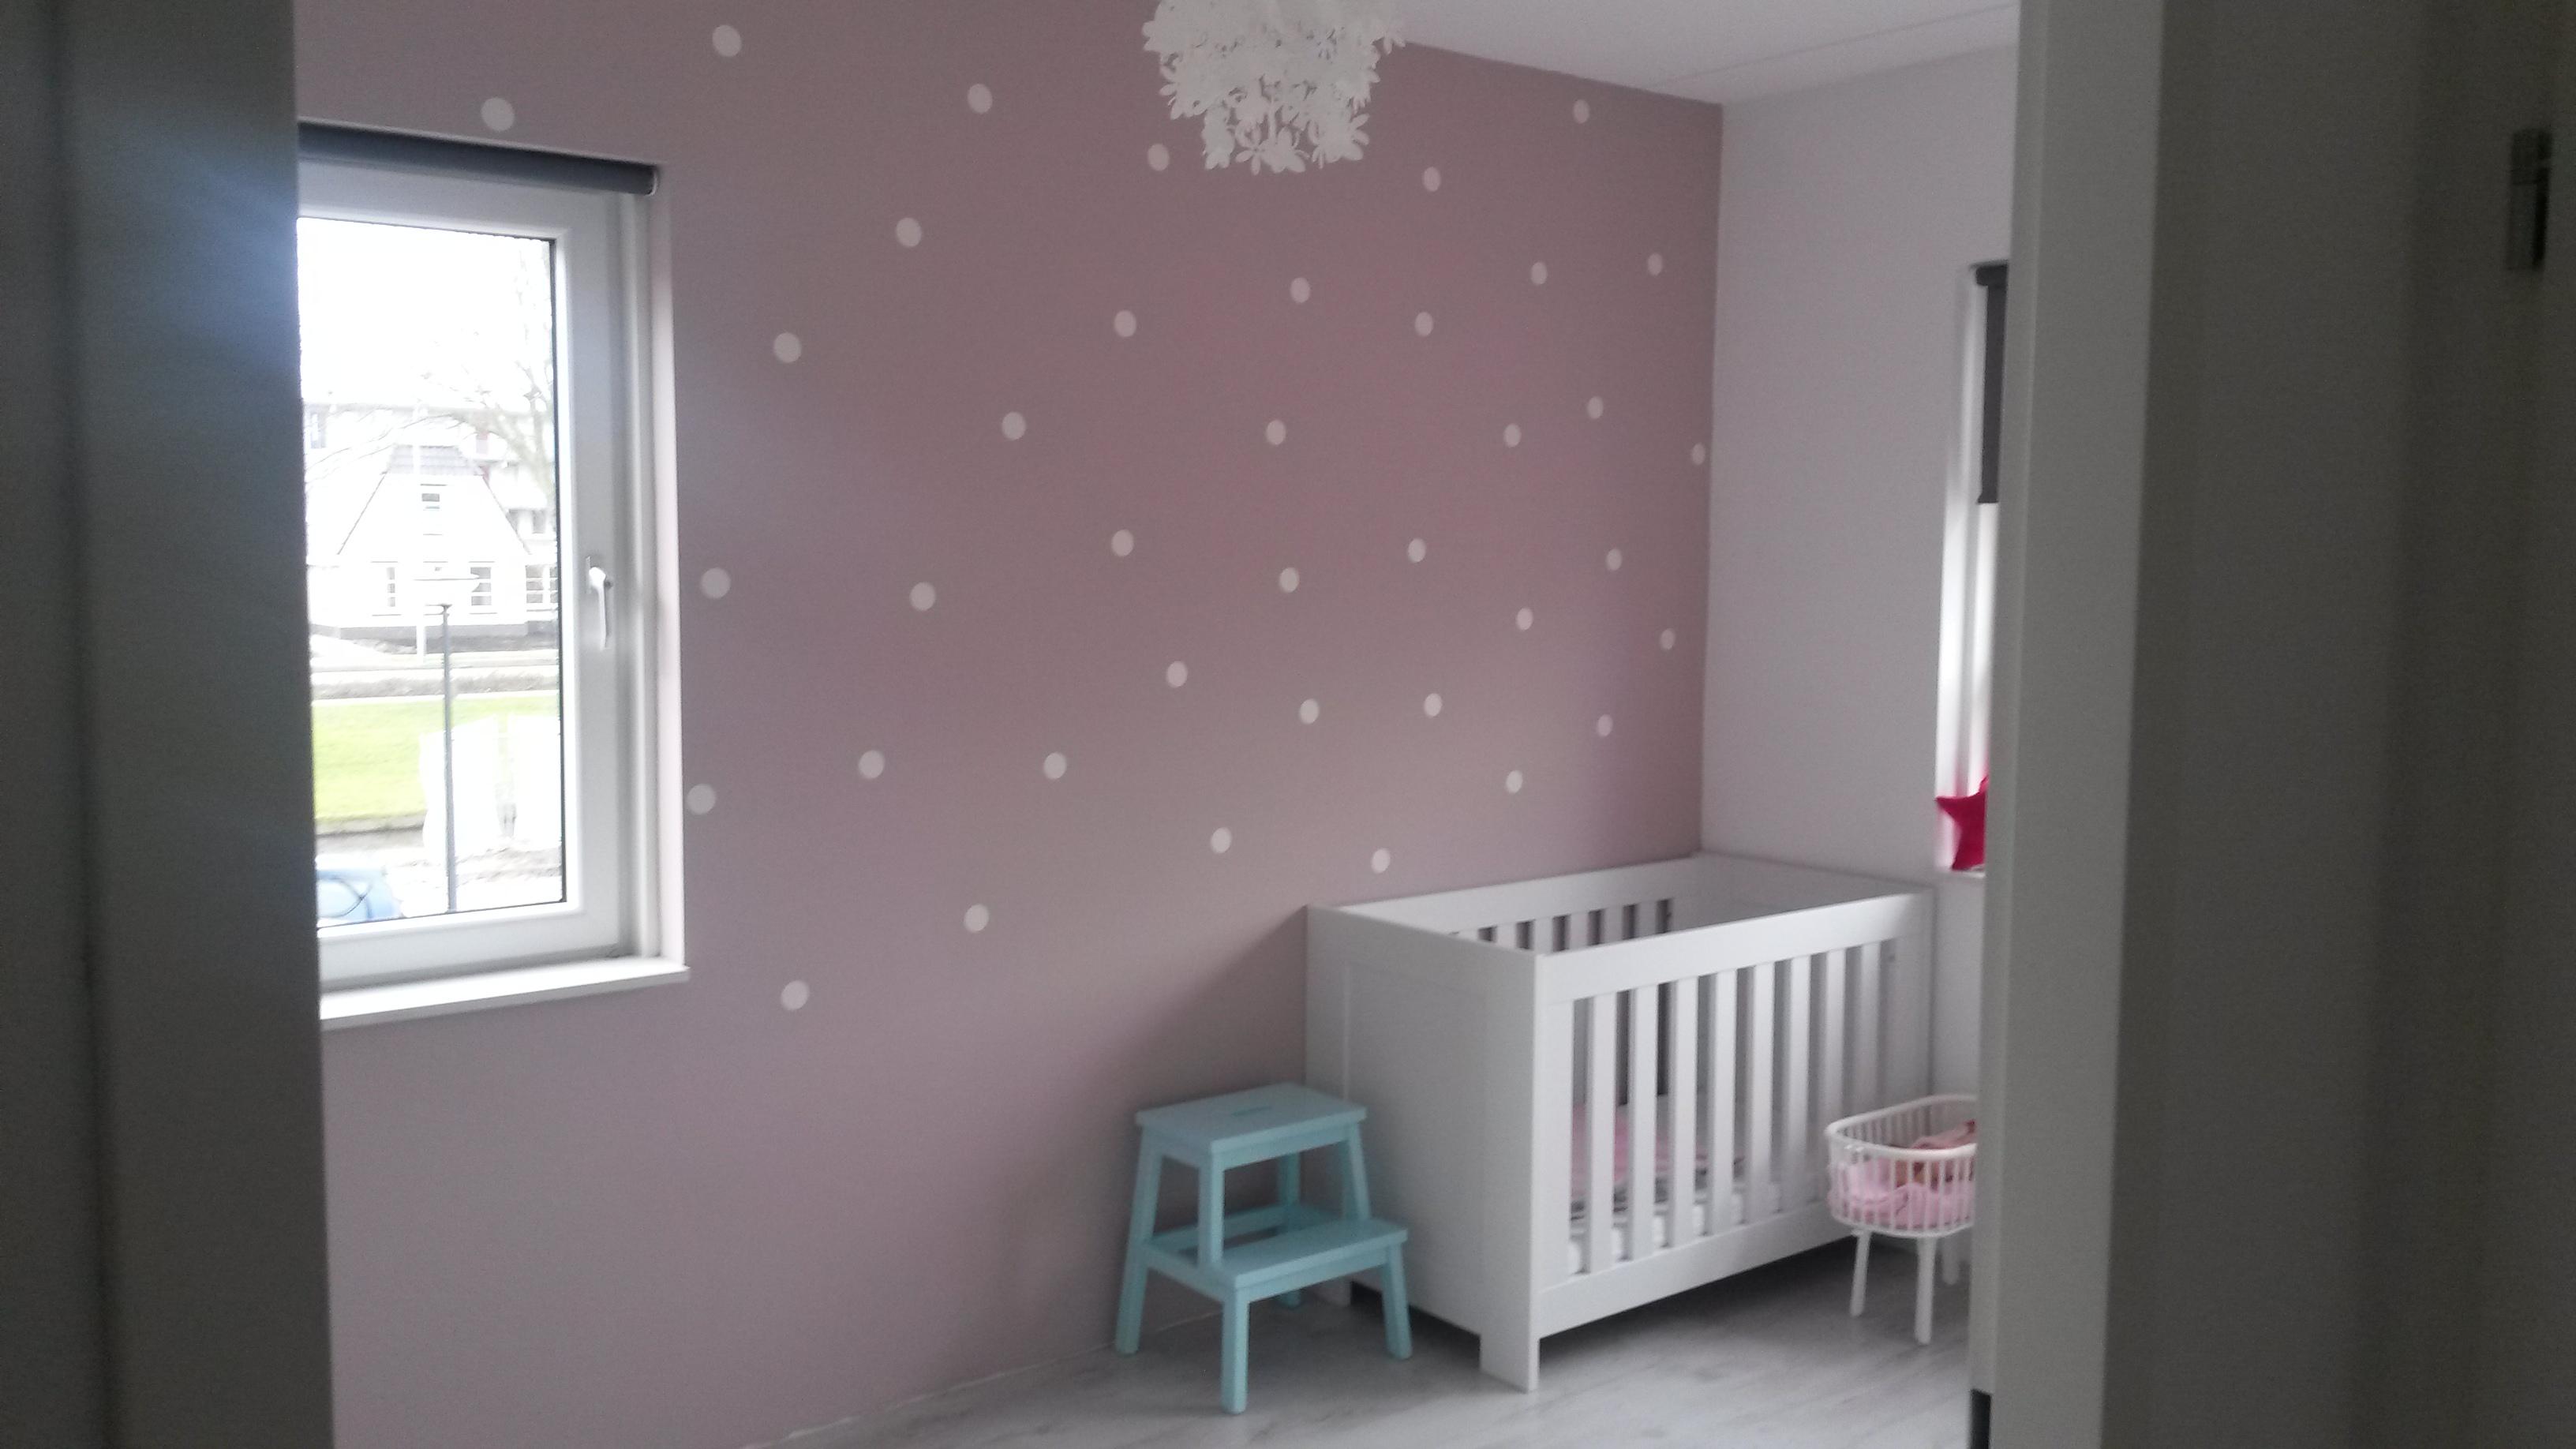 Babykamer Behang Stickers : Muursticker stippen voor de kinderkamer